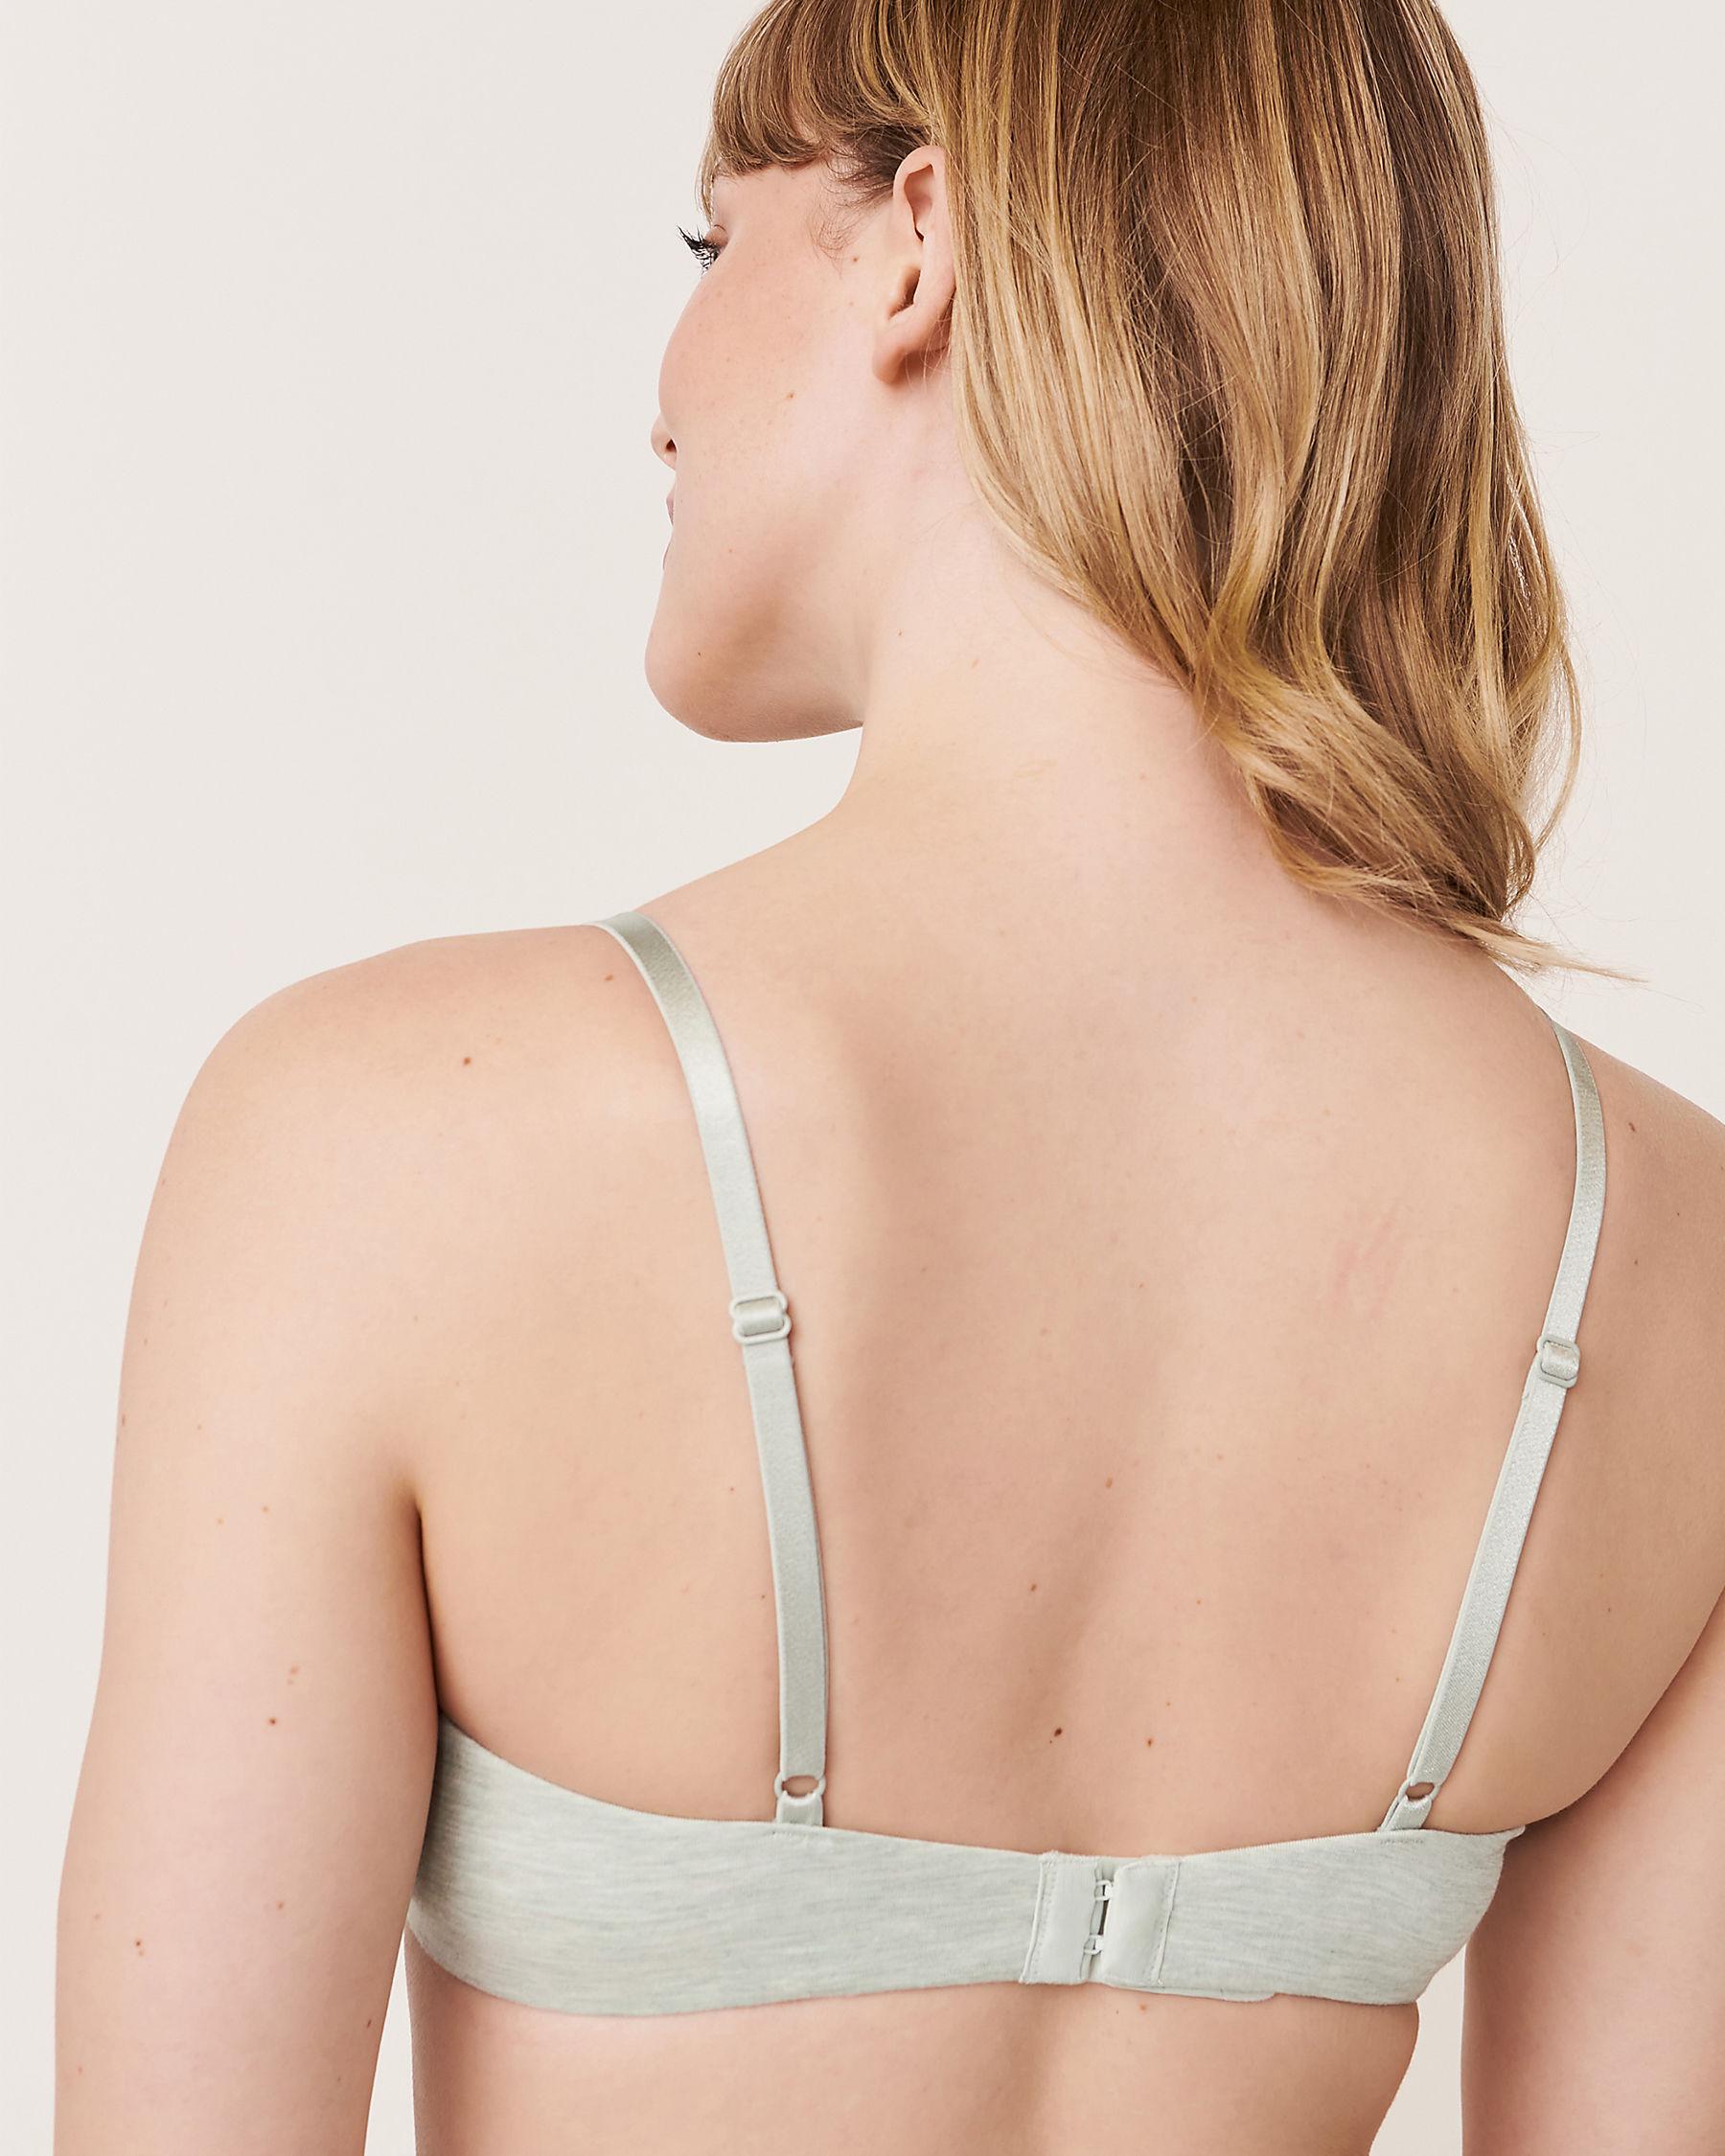 LA VIE EN ROSE Lightly Lined Demi Modal Bra Grey-blue 10200050 - View2